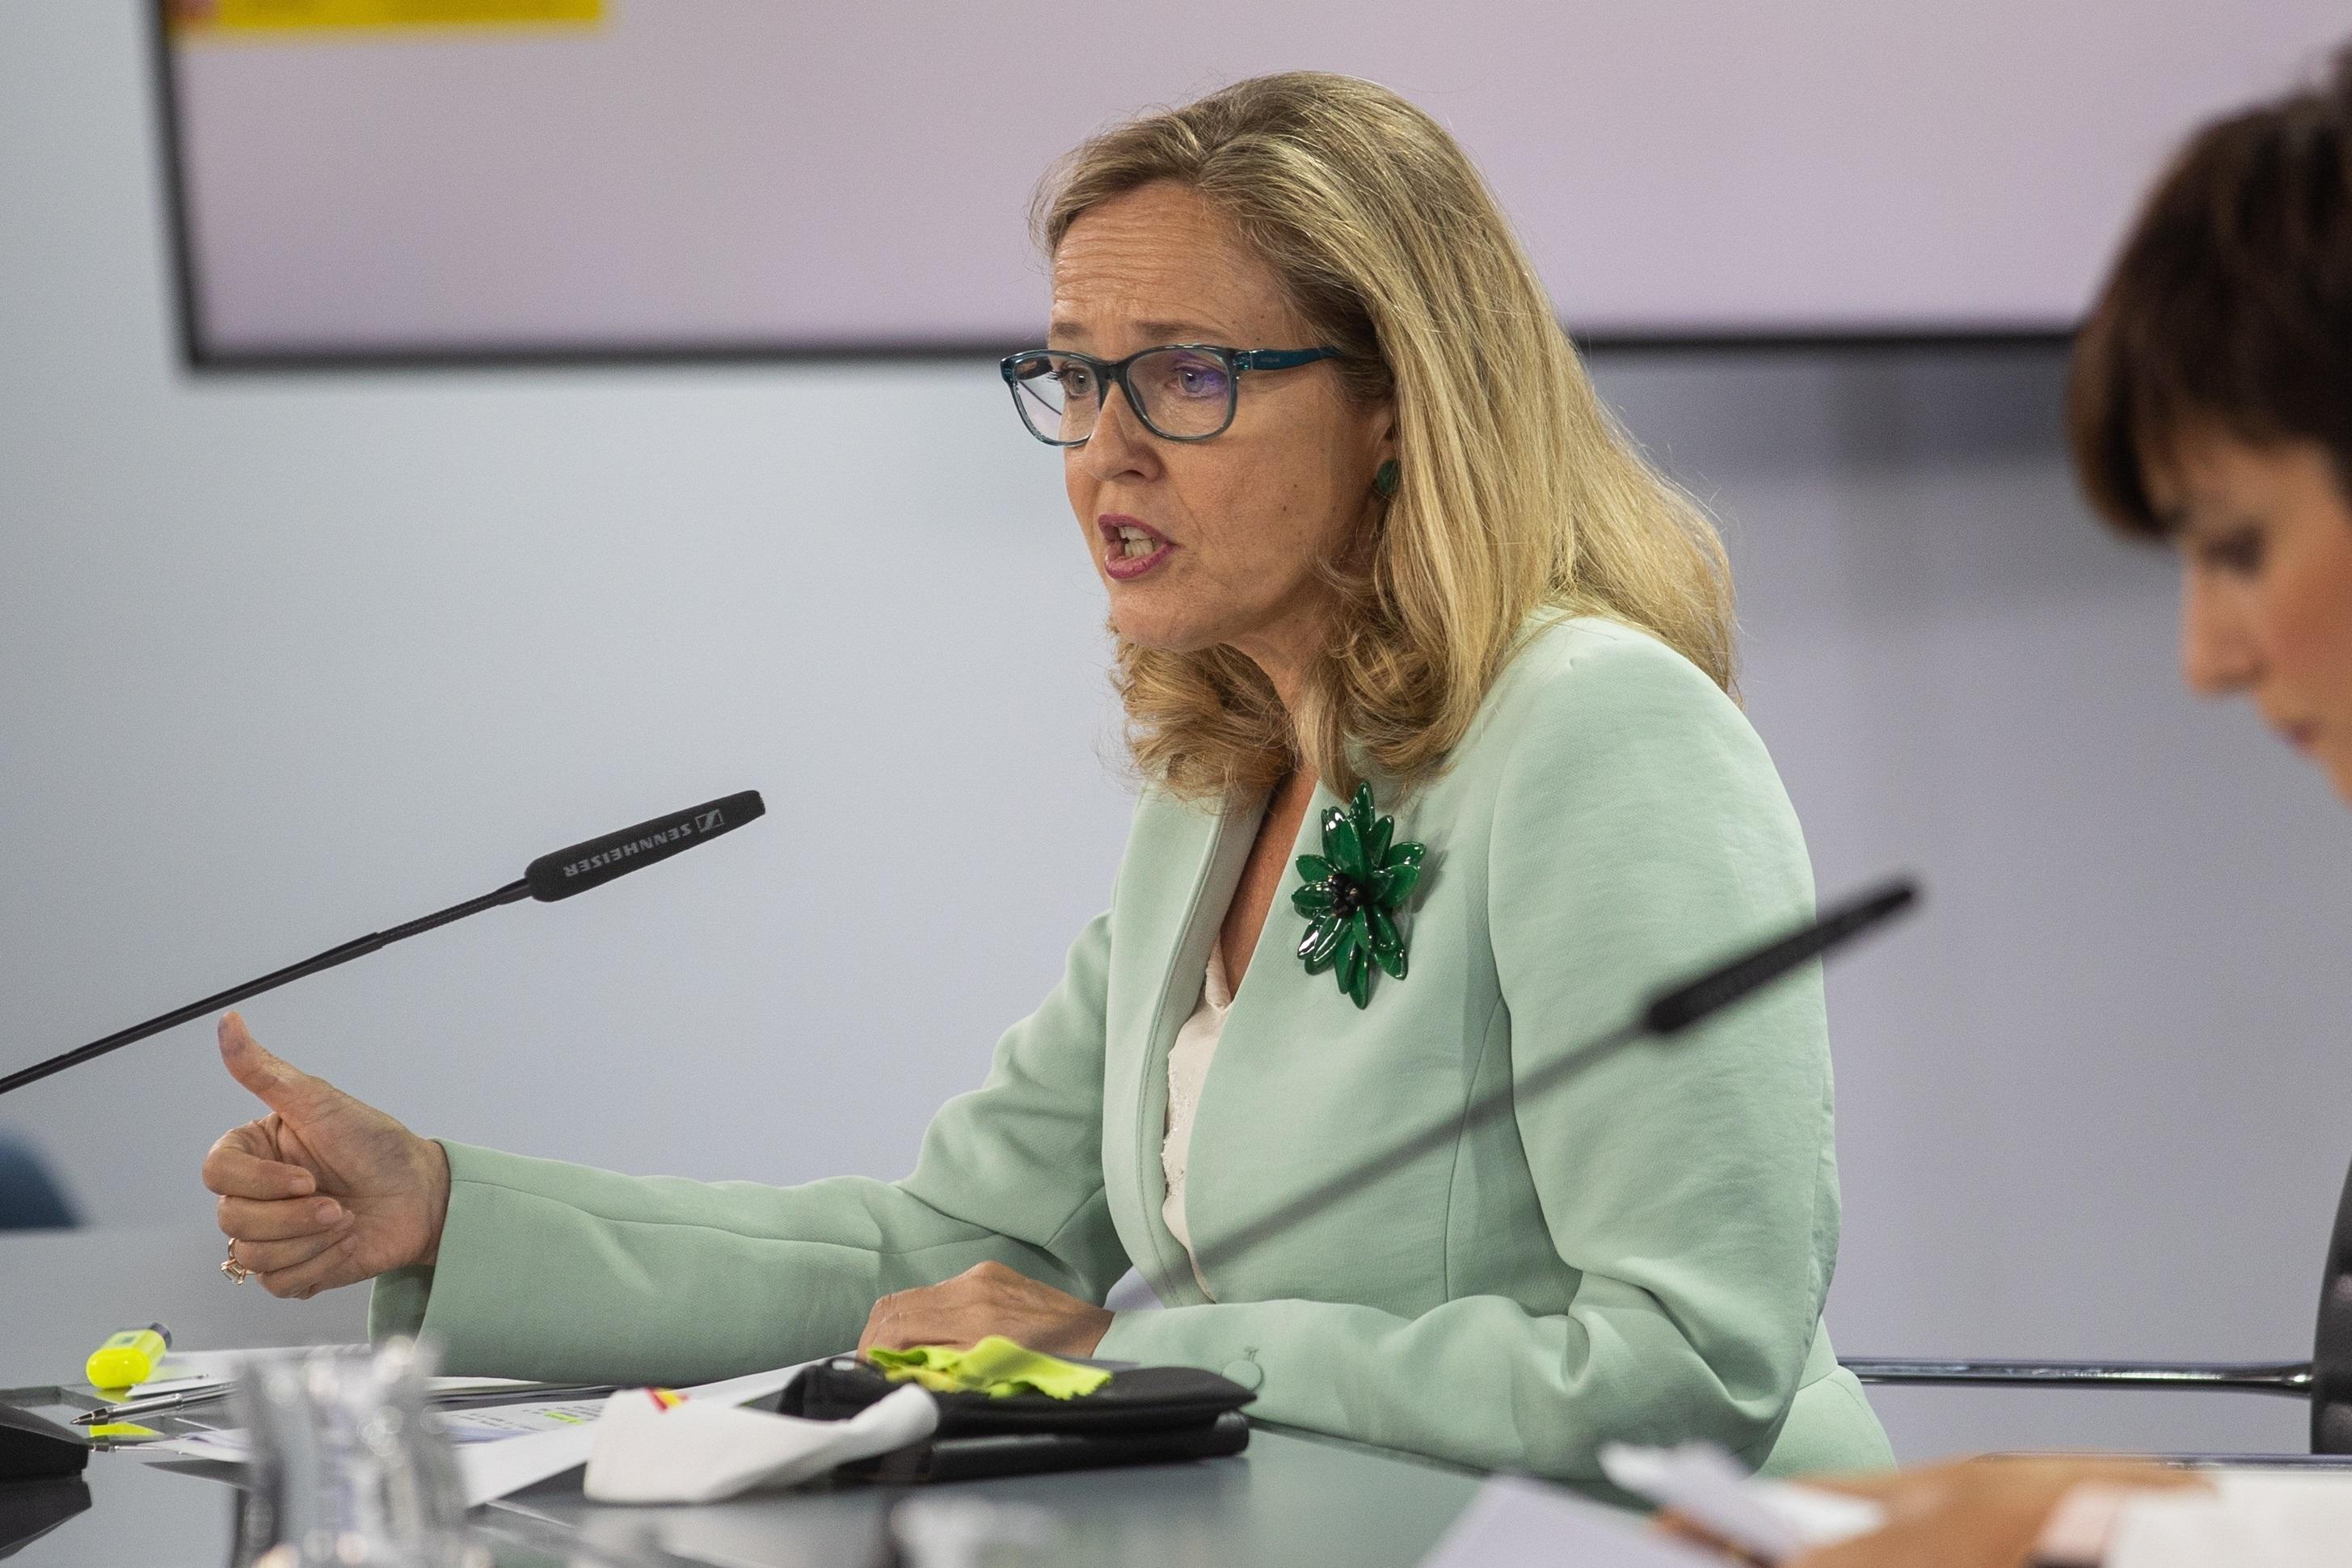 La vicepresidenta primera, Nadia Calviño, ante la ministra Portavoz, Isabel Rodríguez, el pasado día 21 tras el Consejo de Ministros.